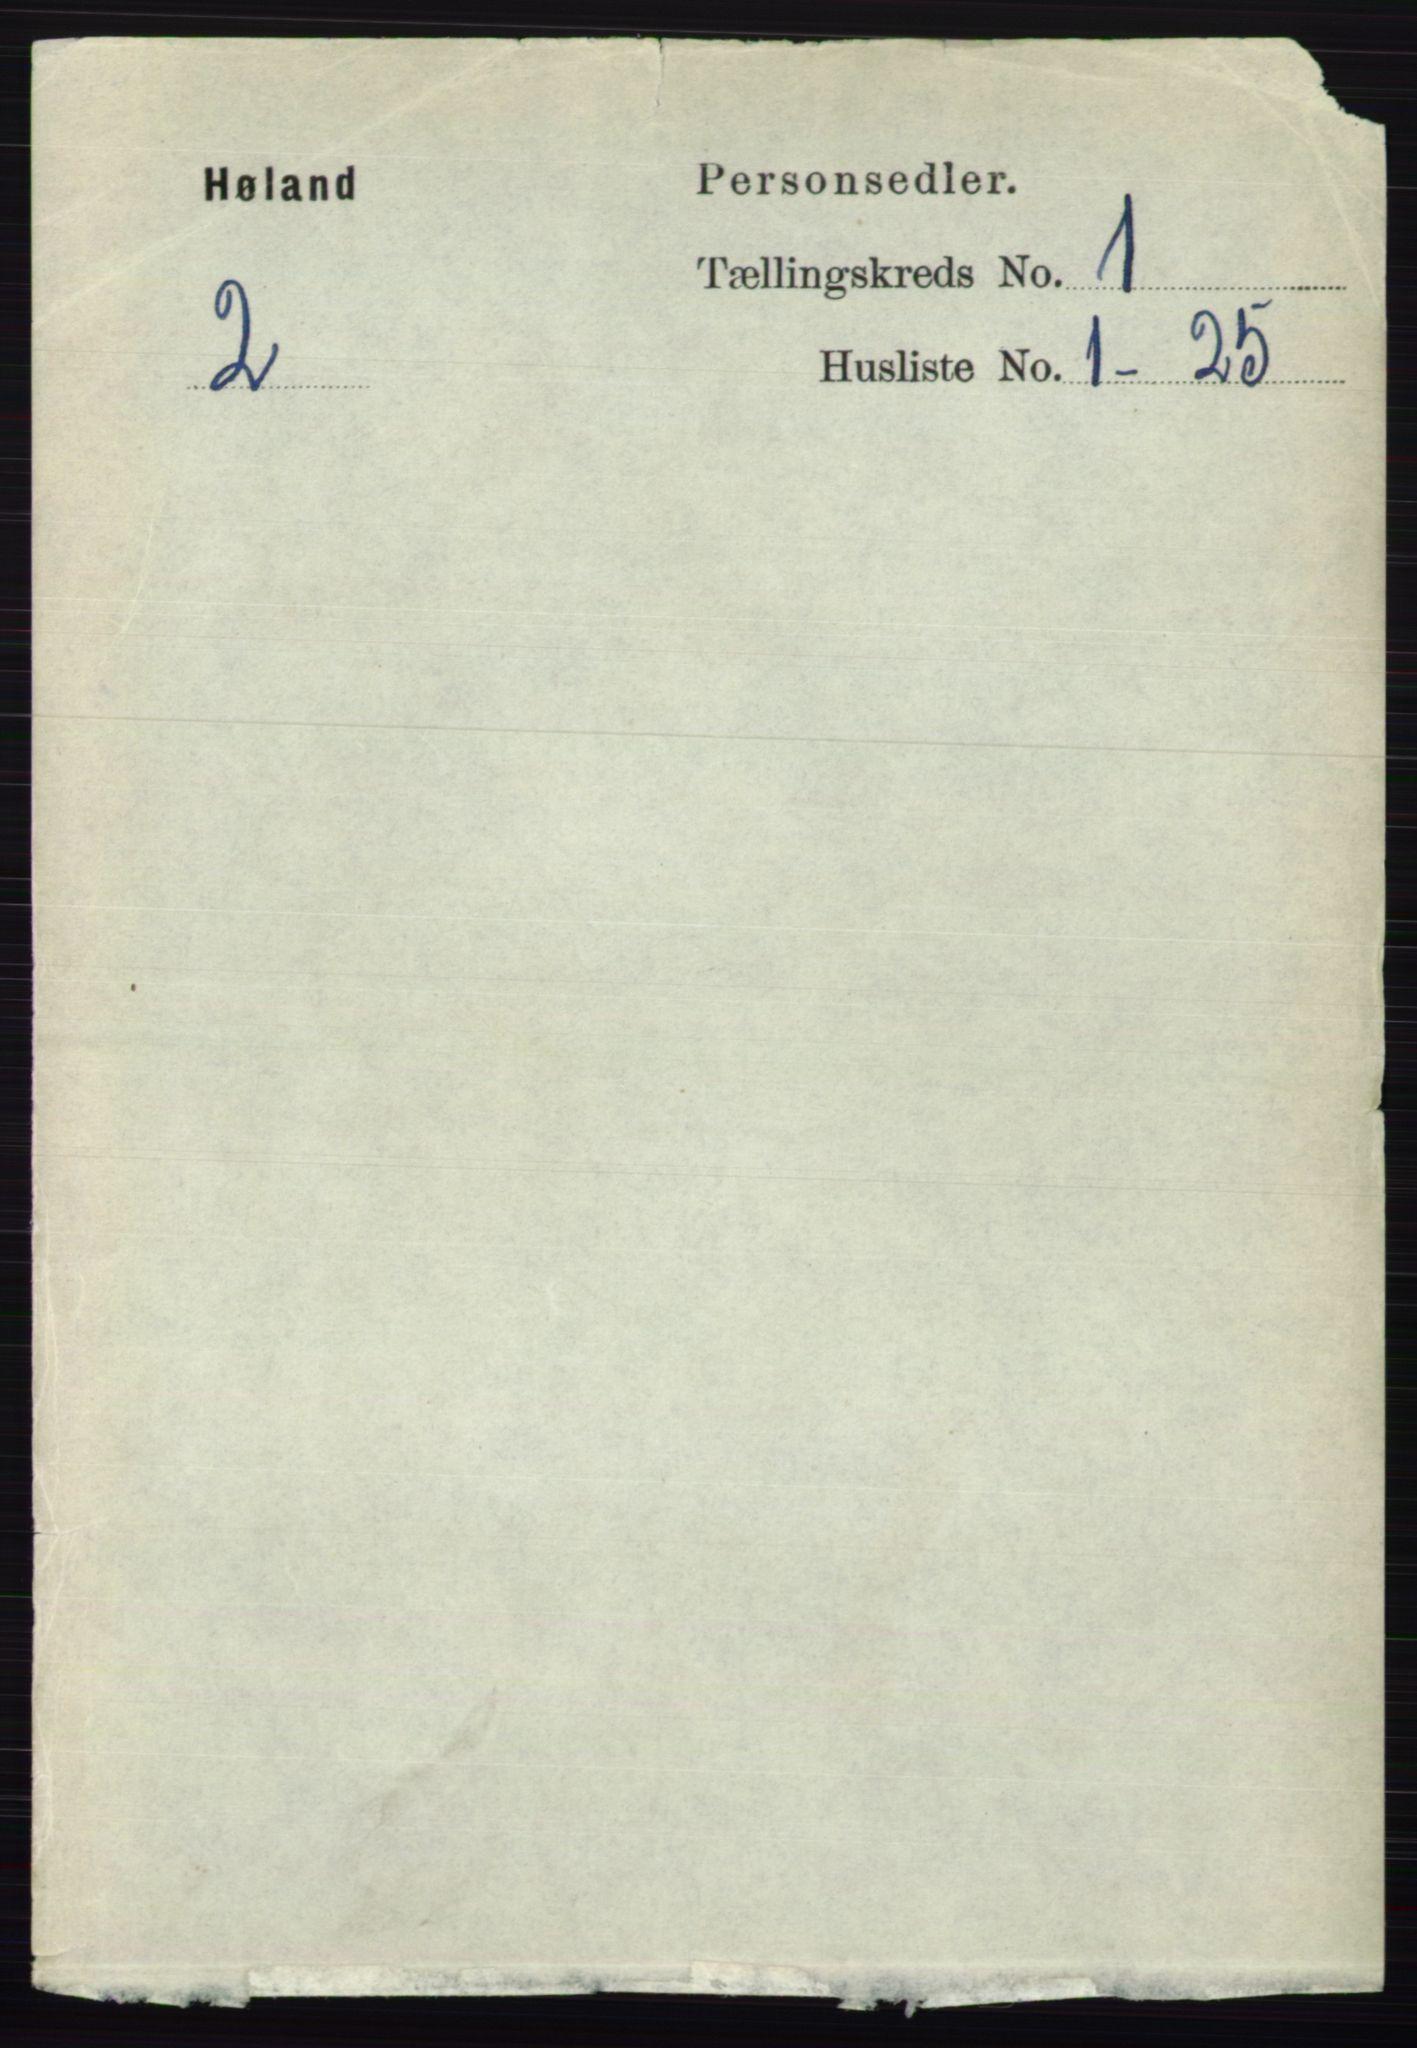 RA, Folketelling 1891 for 0221 Høland herred, 1891, s. 165